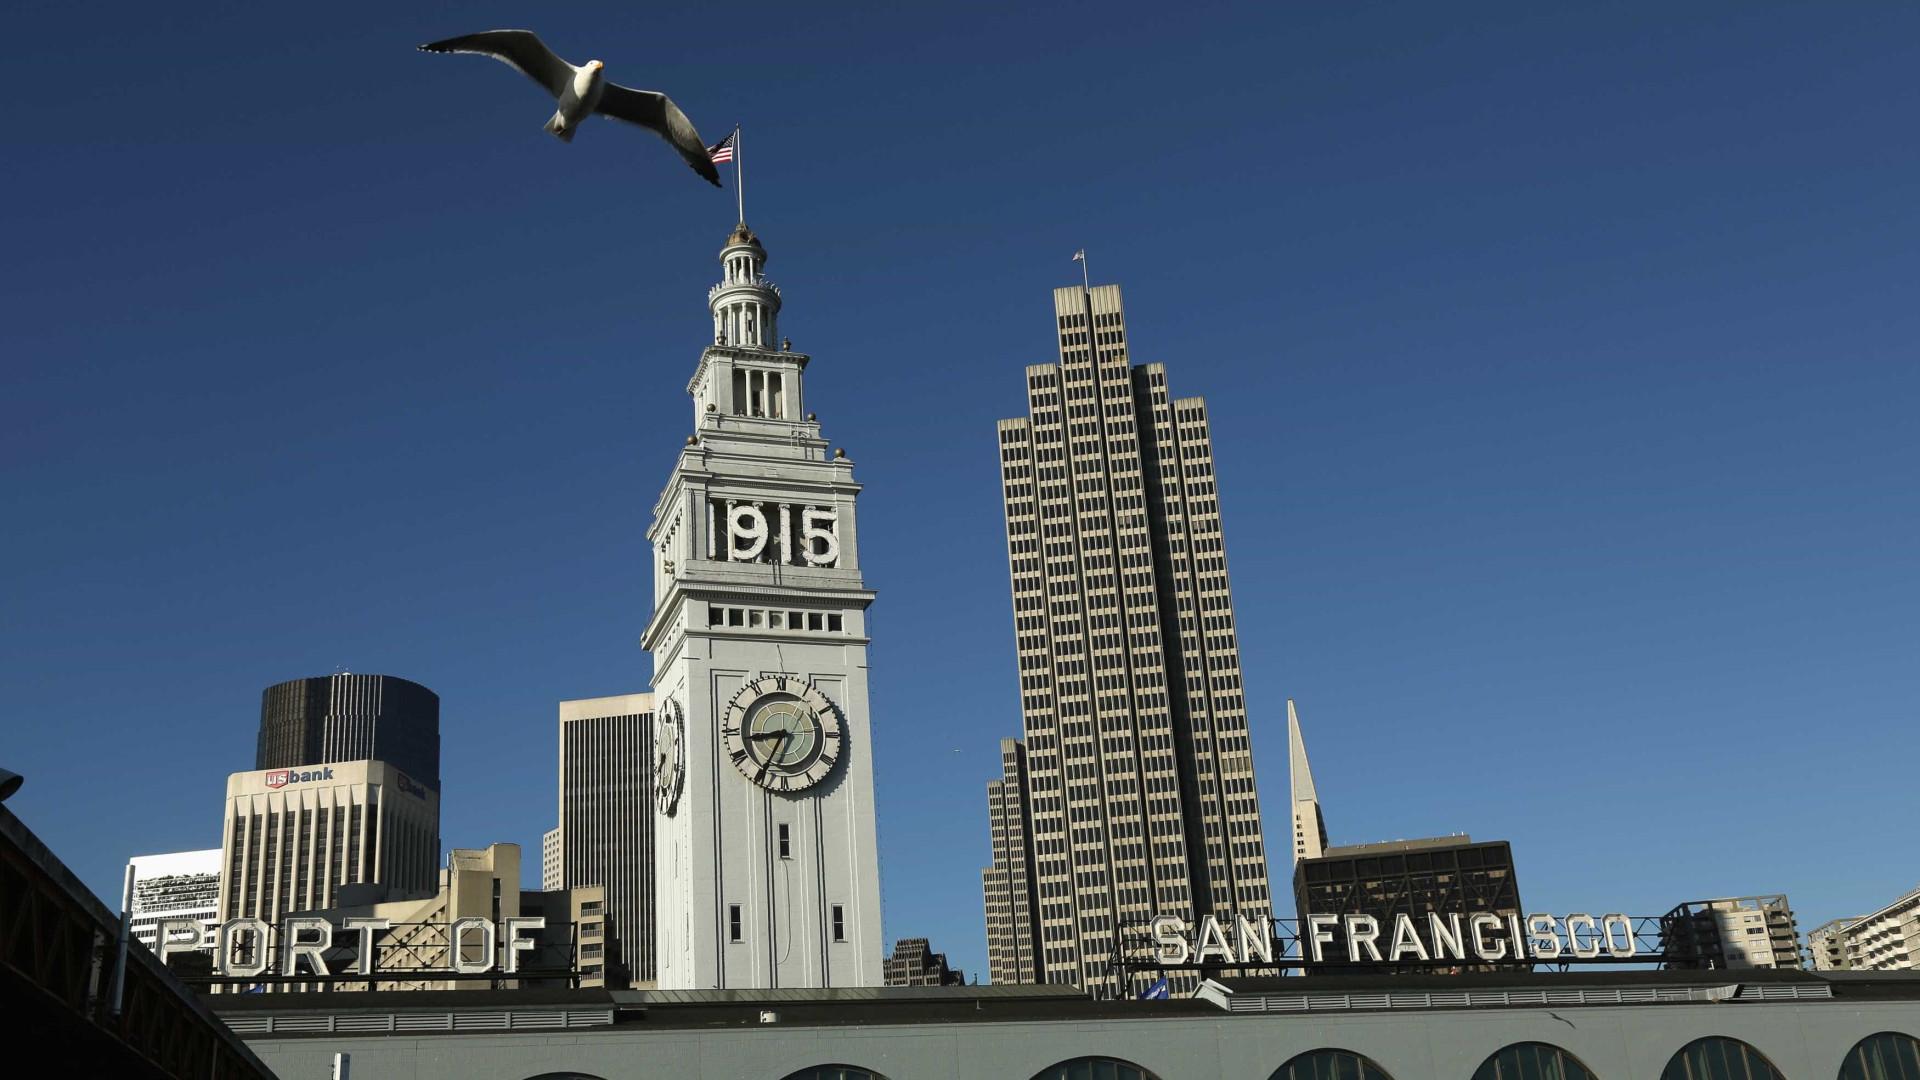 São Francisco propõe taxar empresas mais ricas para apoiar sem-abrigo